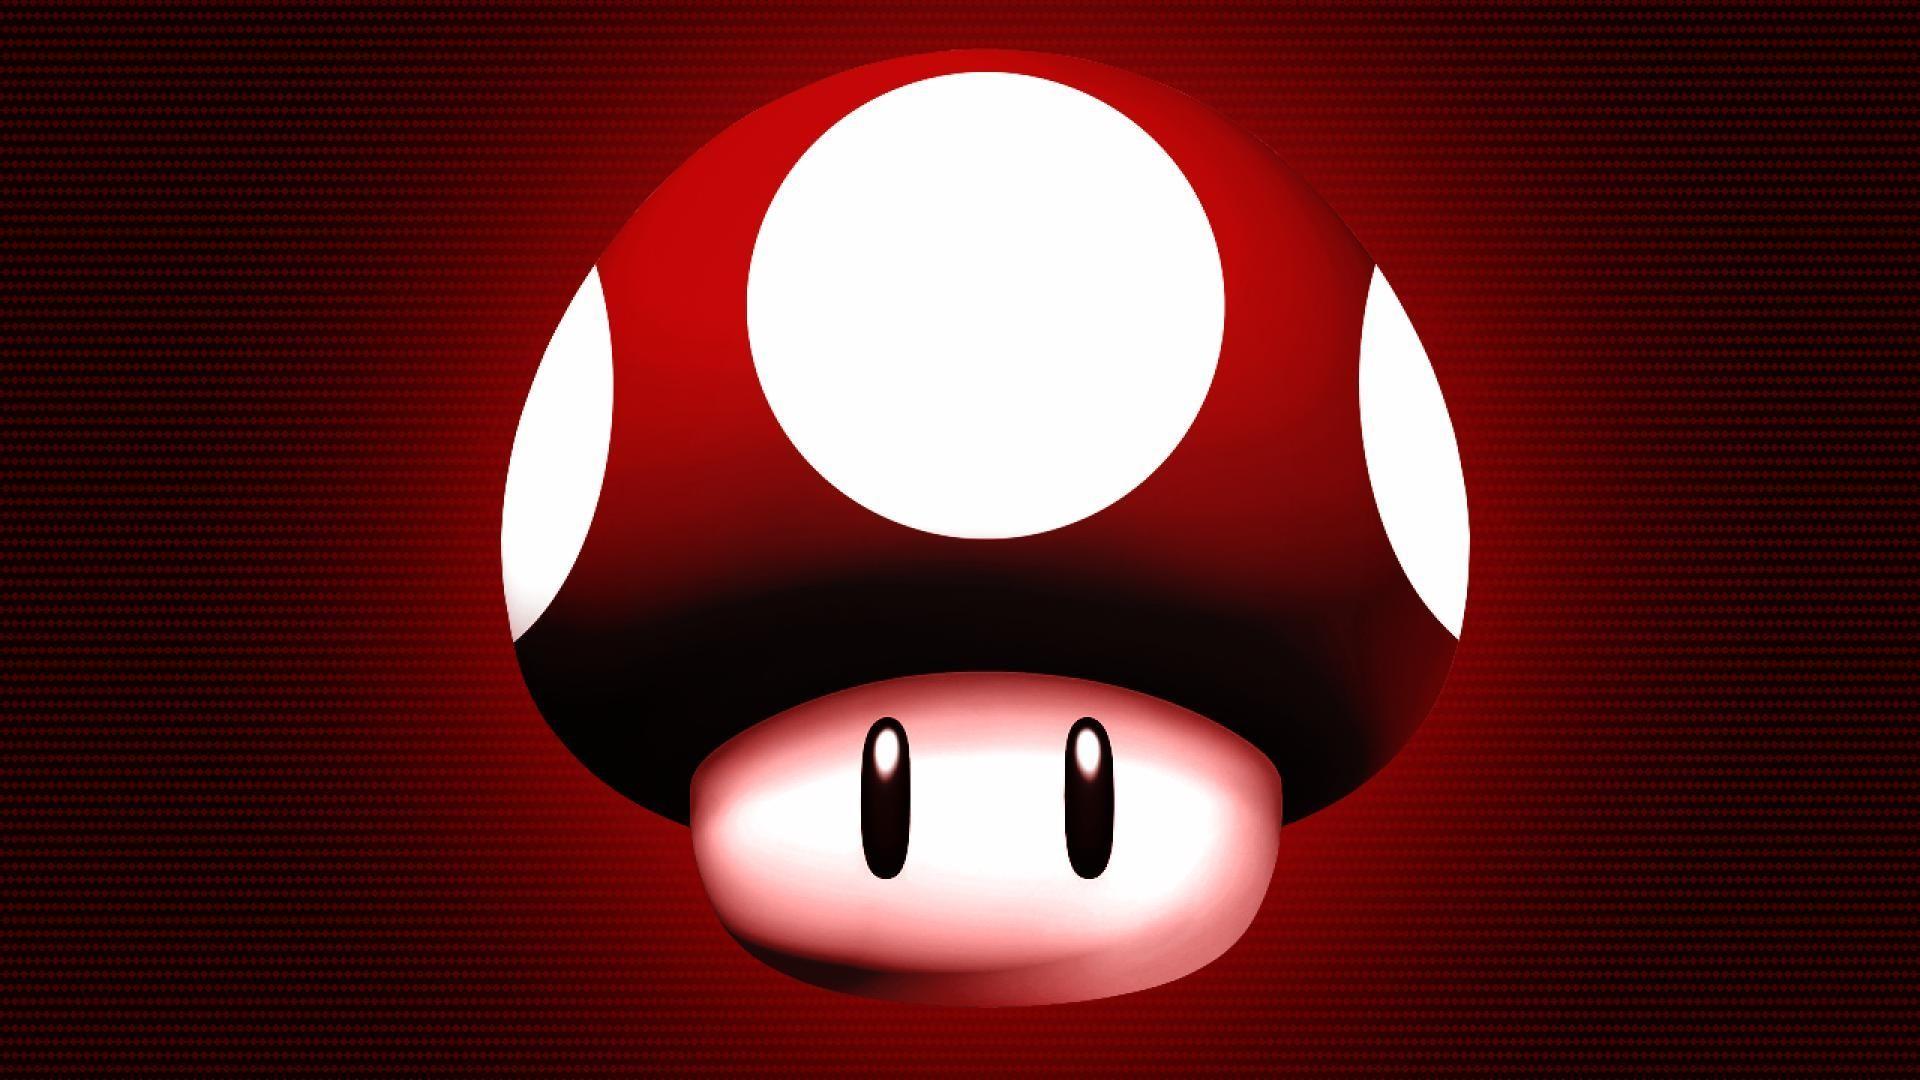 1920x1080 Abstract Super Mario Mushroom Wallpaper 3874